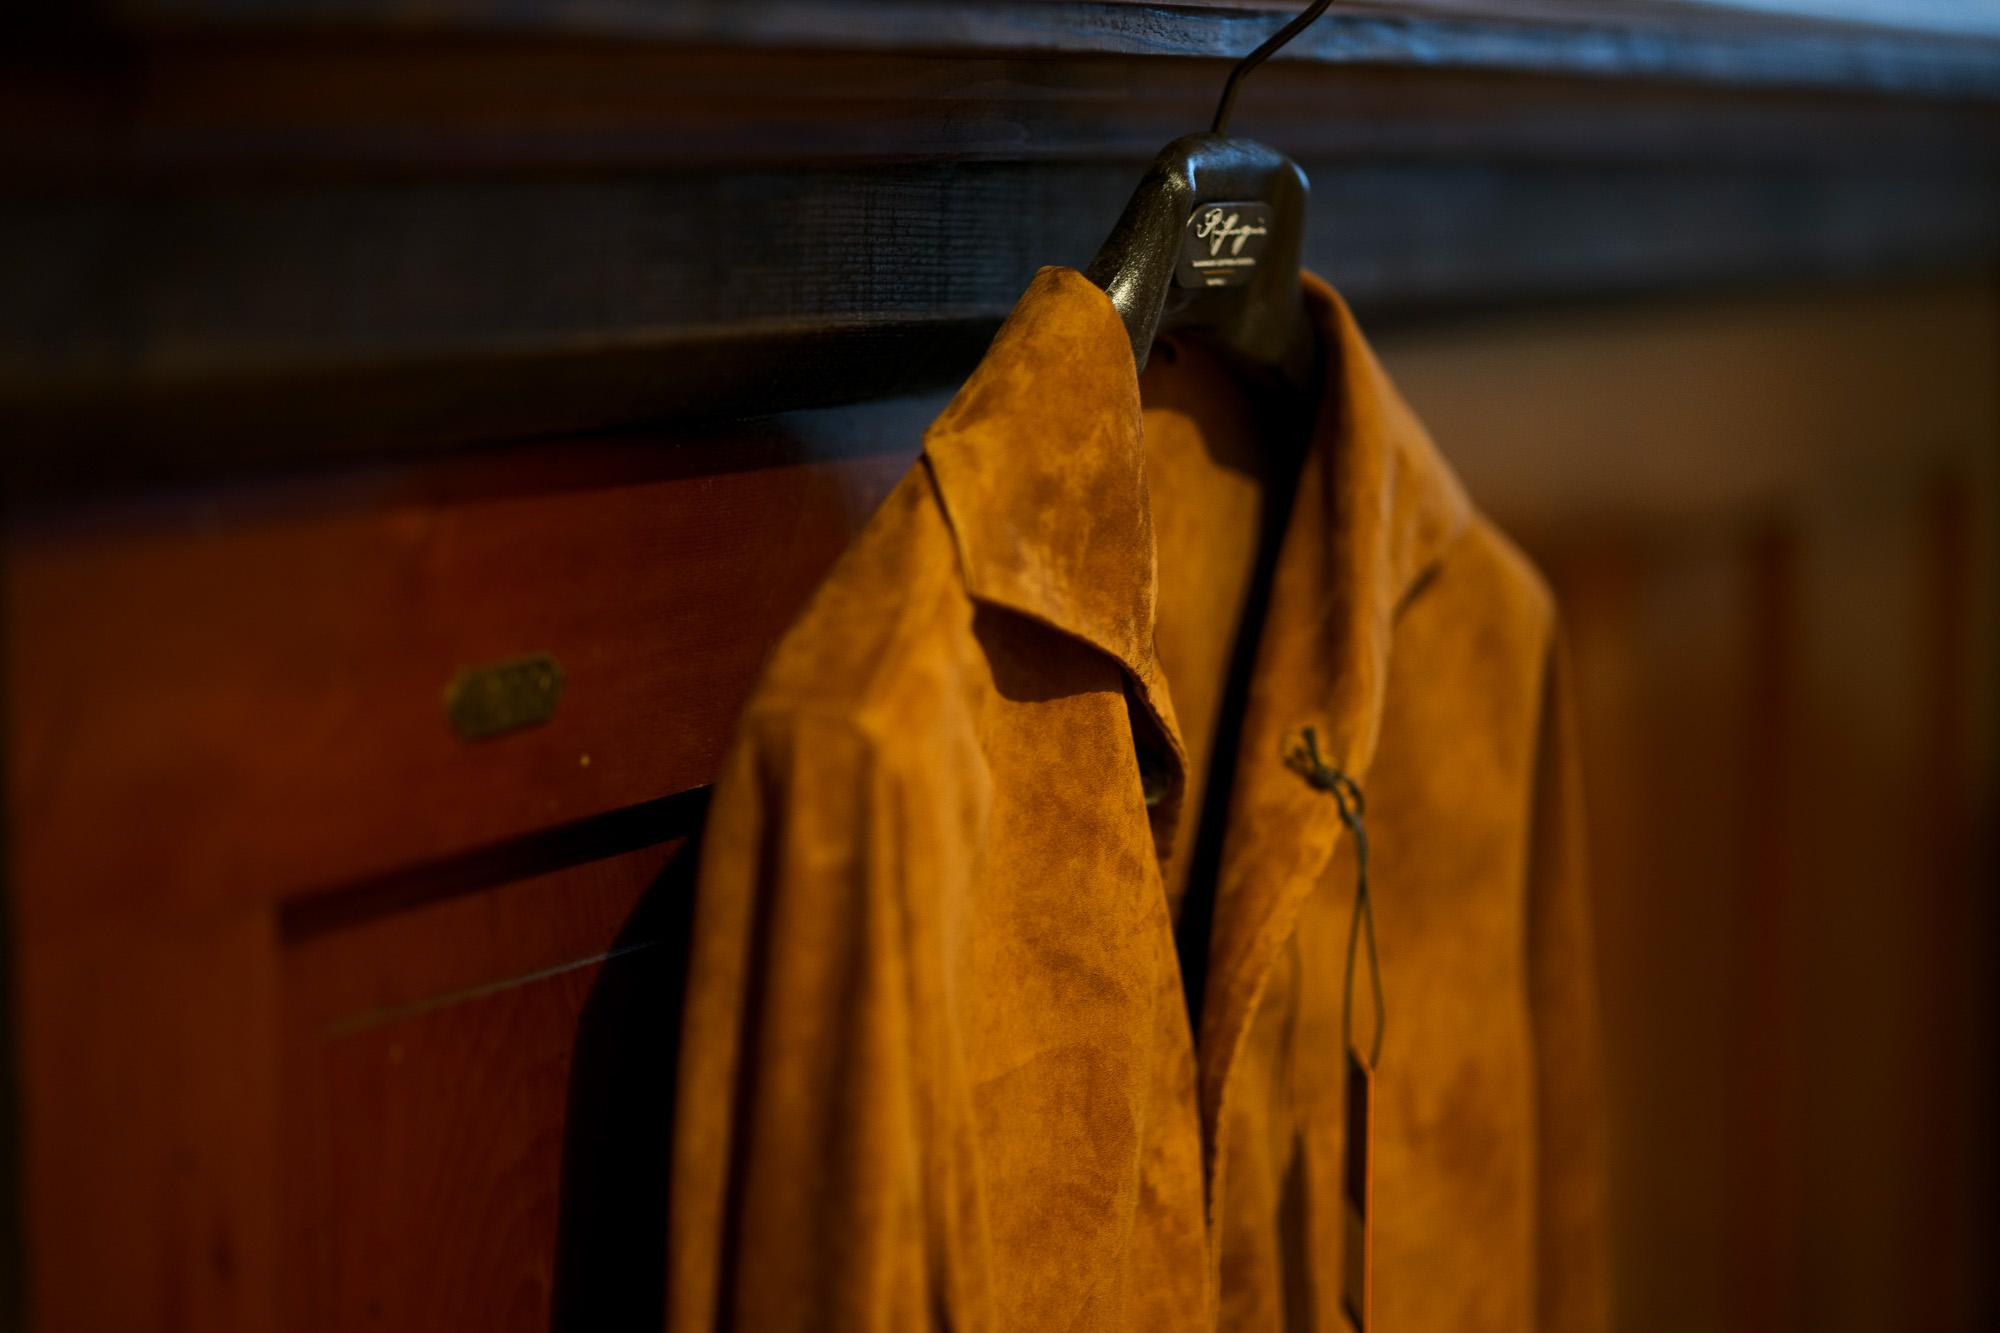 Alfredo Rifujio (アルフレード リフージオ) SS326 CAMOSCIO Summer Suede Leather Shirts サマースウェード レザーシャツ CAMEL (キャメル) made in italy (イタリア製) 2019 春夏 【ご予約受付中】alfredorifujio アルフレードリフージオ 愛知 名古屋 Alto e Diritto アルト エ デリット alto e diritto アルトエデリット レザージャケット 素肌にレザー 42,44,46,48,50,52